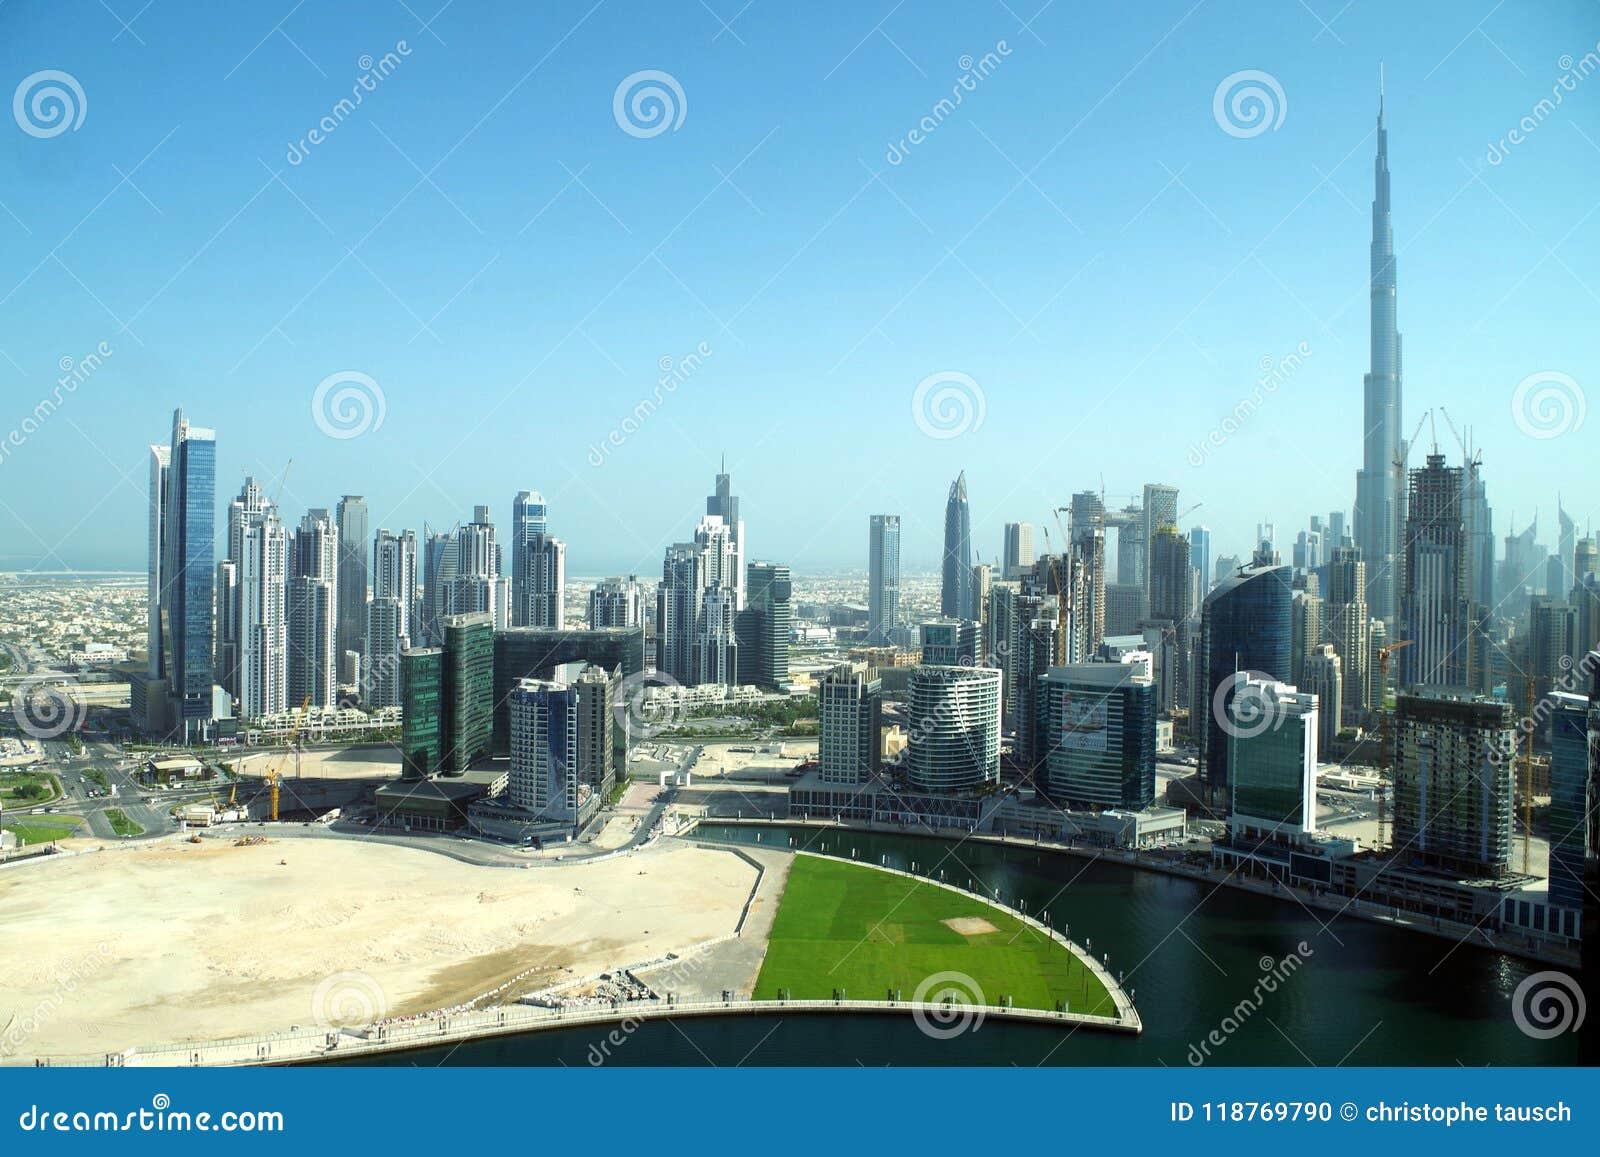 Baie d affaires à Dubaï, une forêt de gratte-ciel